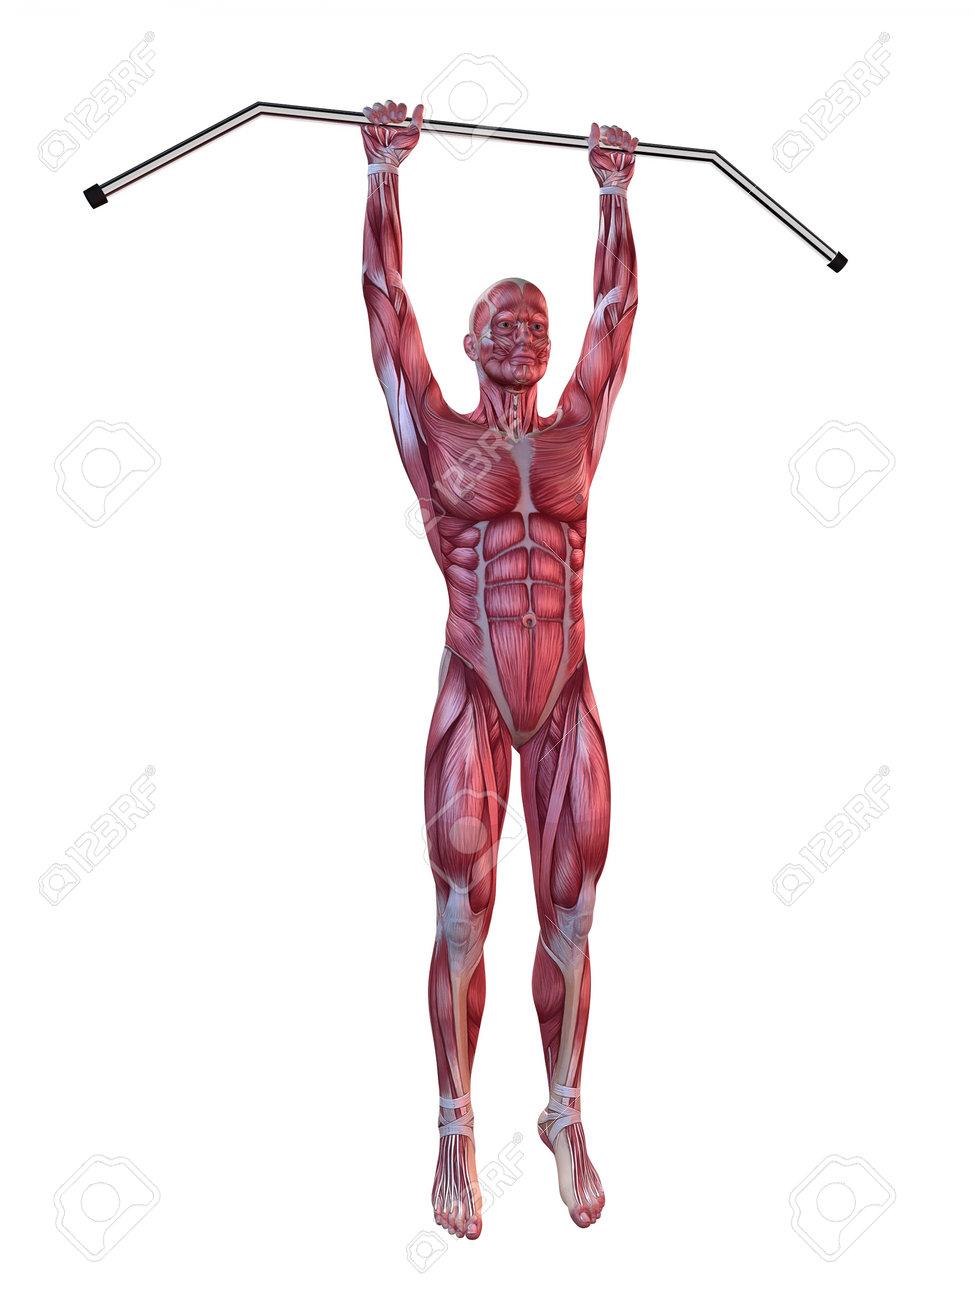 male workout - hanging leg raises Stock Photo - 11073135